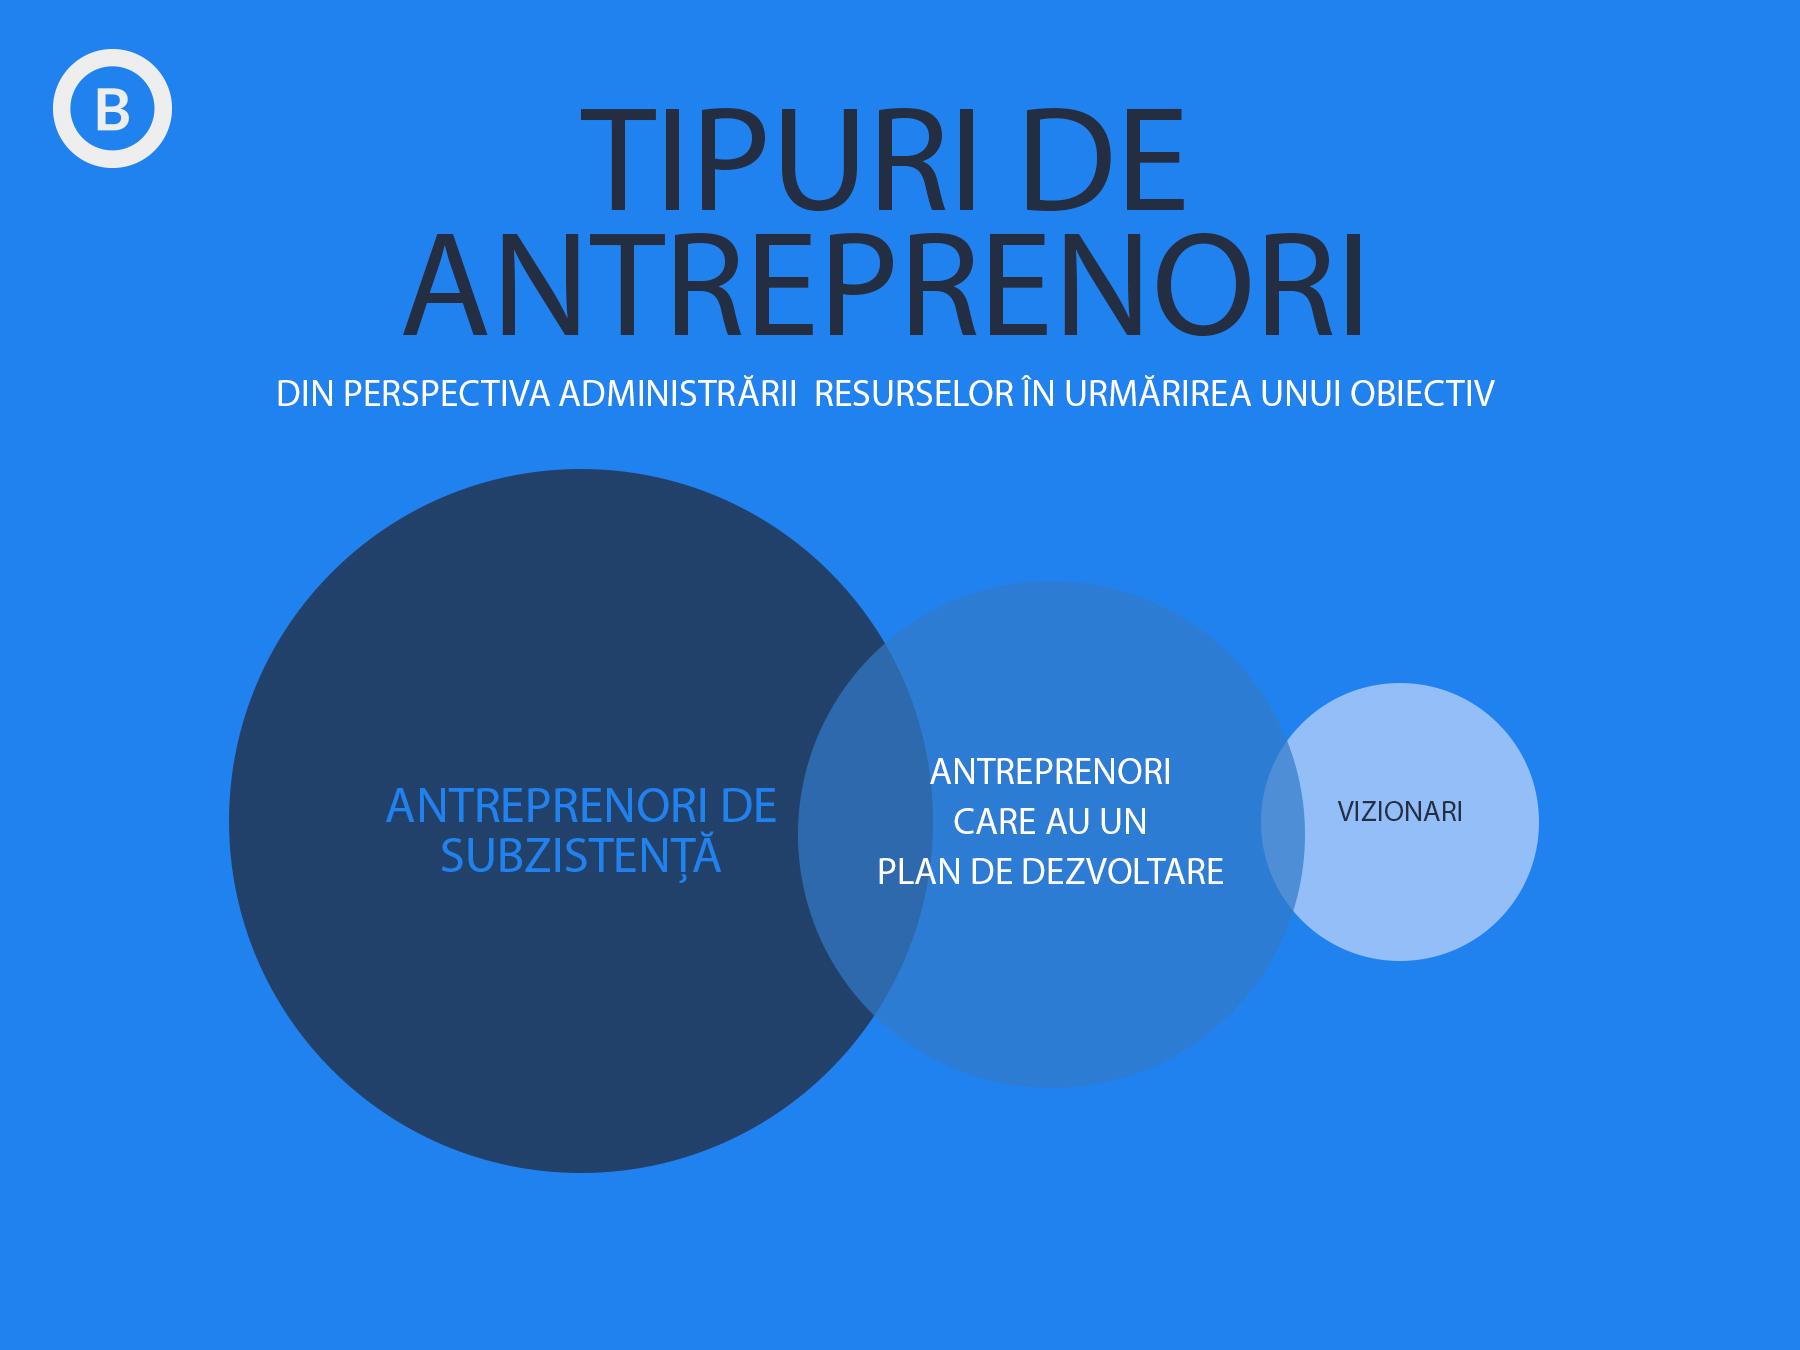 Tipuri de Antreprenori din perspeciva administrarii resurselor în vederea atingerii unui obiectiv